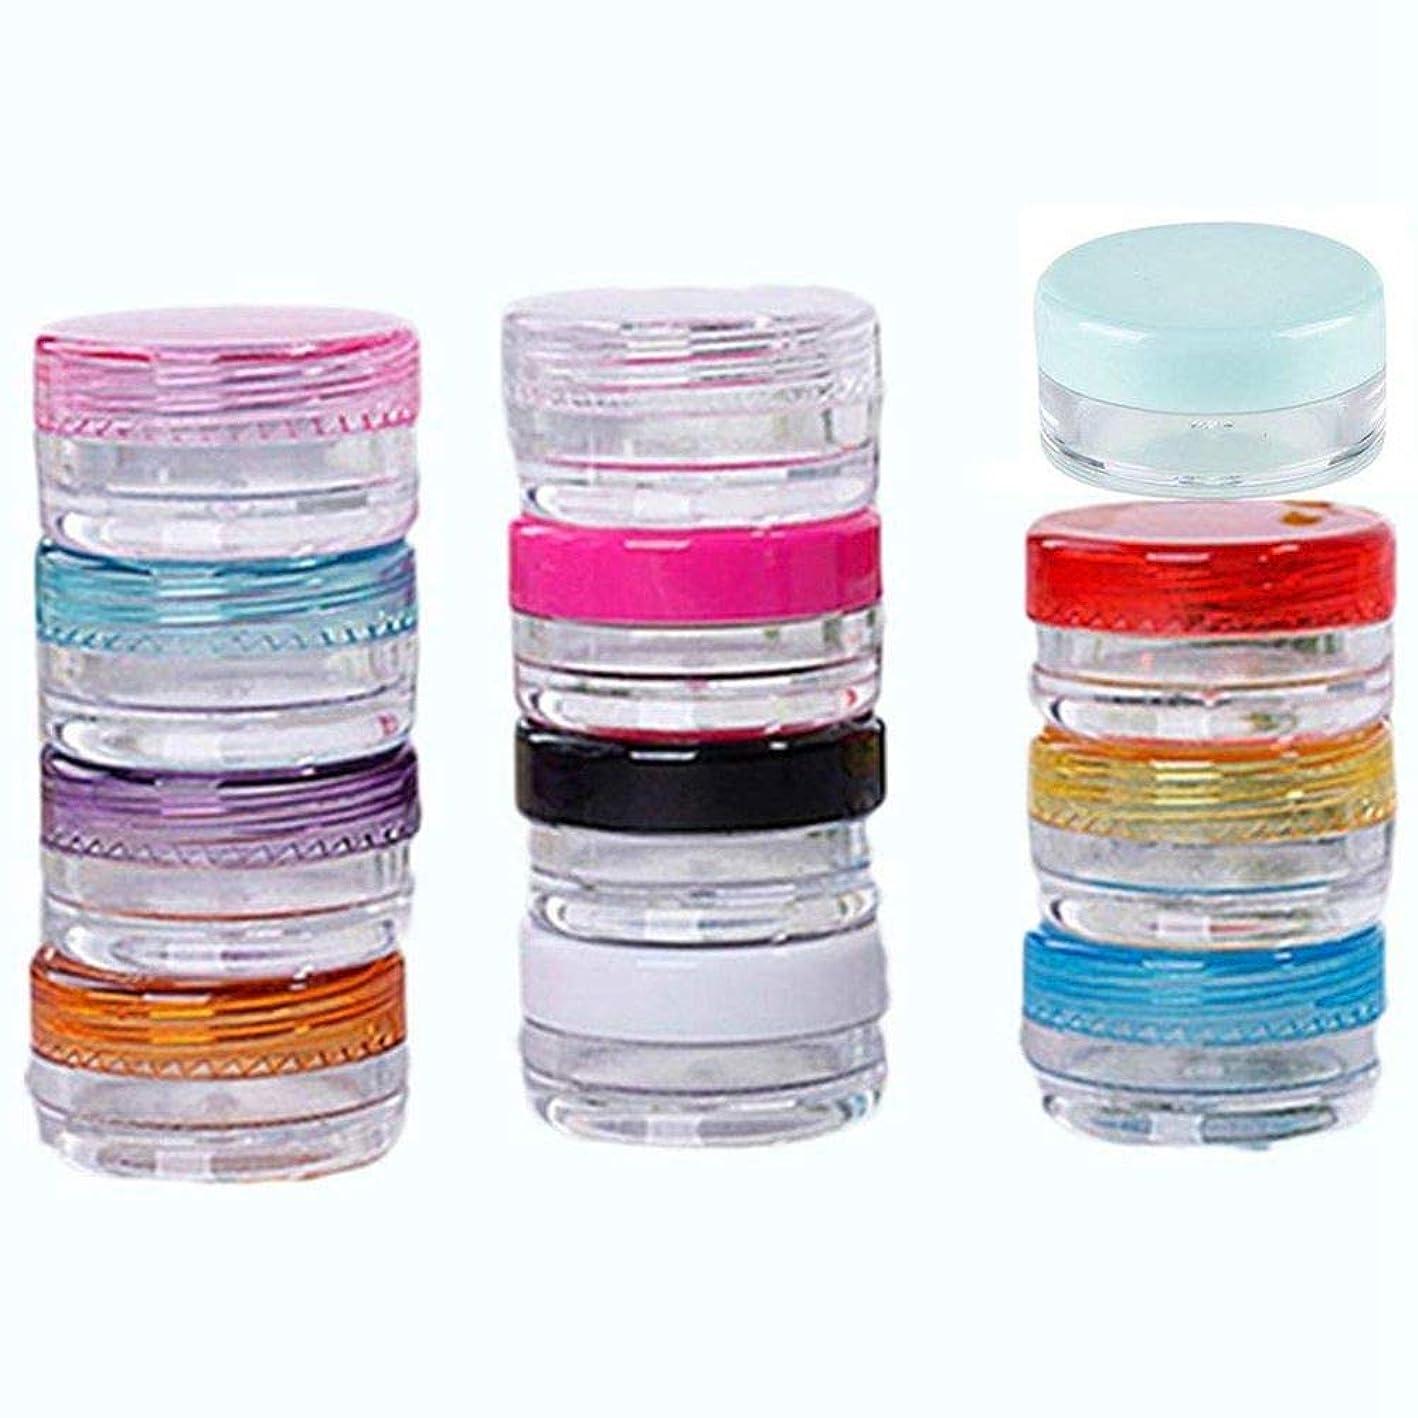 解放歯痛クリームSODIAL 12個の盛り合わせ 5g空のプラスチック製メイクアップジャーポット トラベルフェイスクリーム/ローション/化粧品容器サンプルボトル(盛り合わせ)